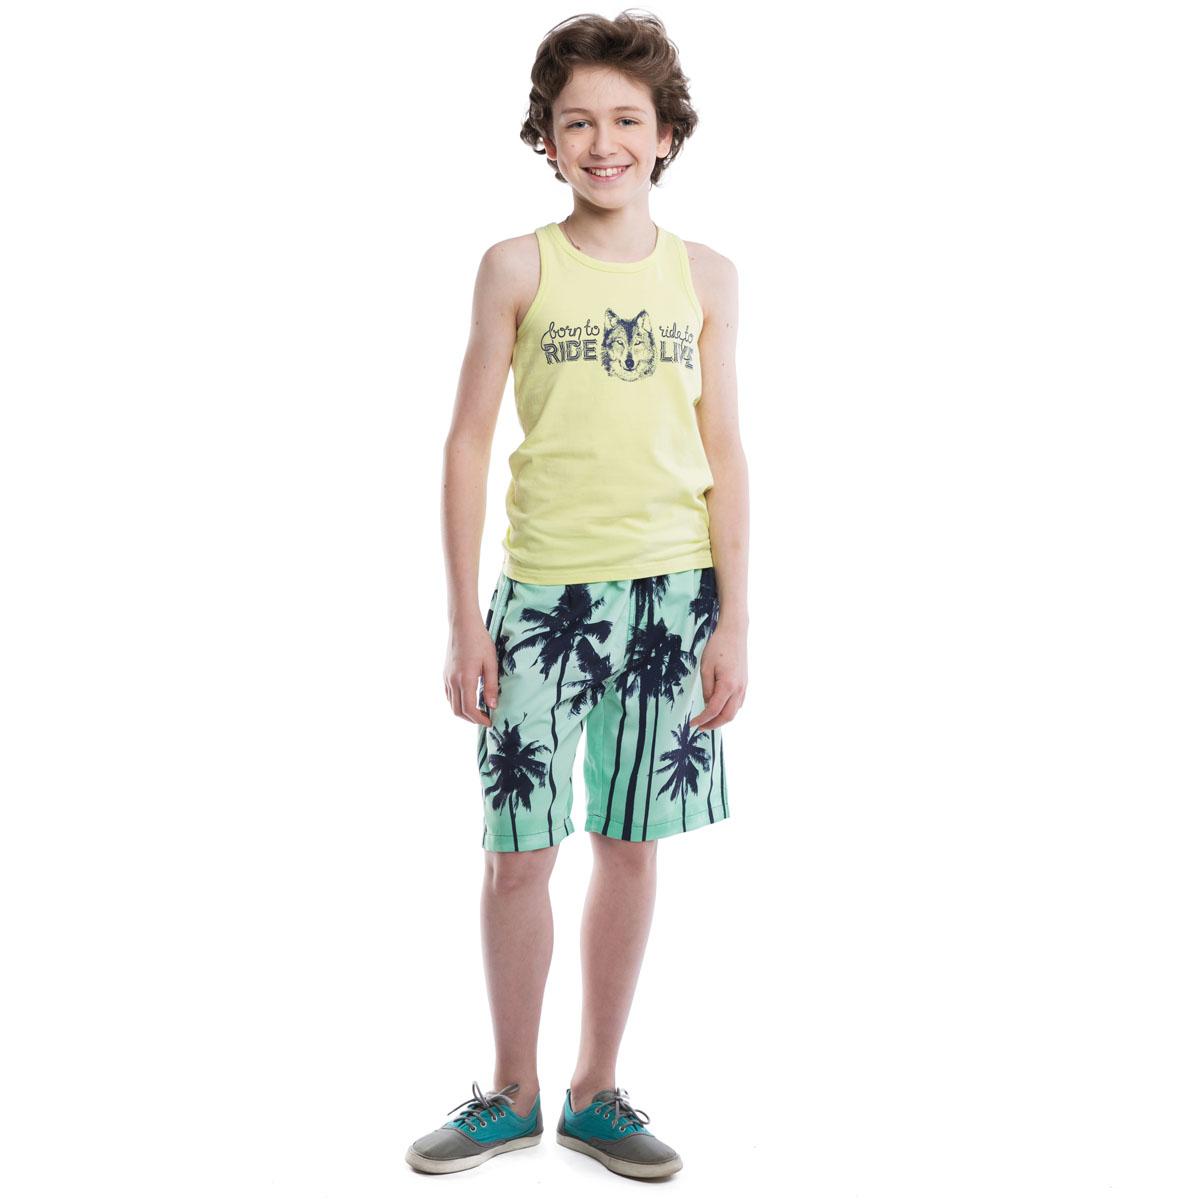 Майка263017Стильная майка-борцовка для мальчика подойдет как для занятий спортом, так и для повседневной носки. Круглый вырез горловины и проймы дополнены эластичной бейкой. Модель оформлена ярким водным принтом с изображением волка, на спинке сверху - герб мотоклуба.